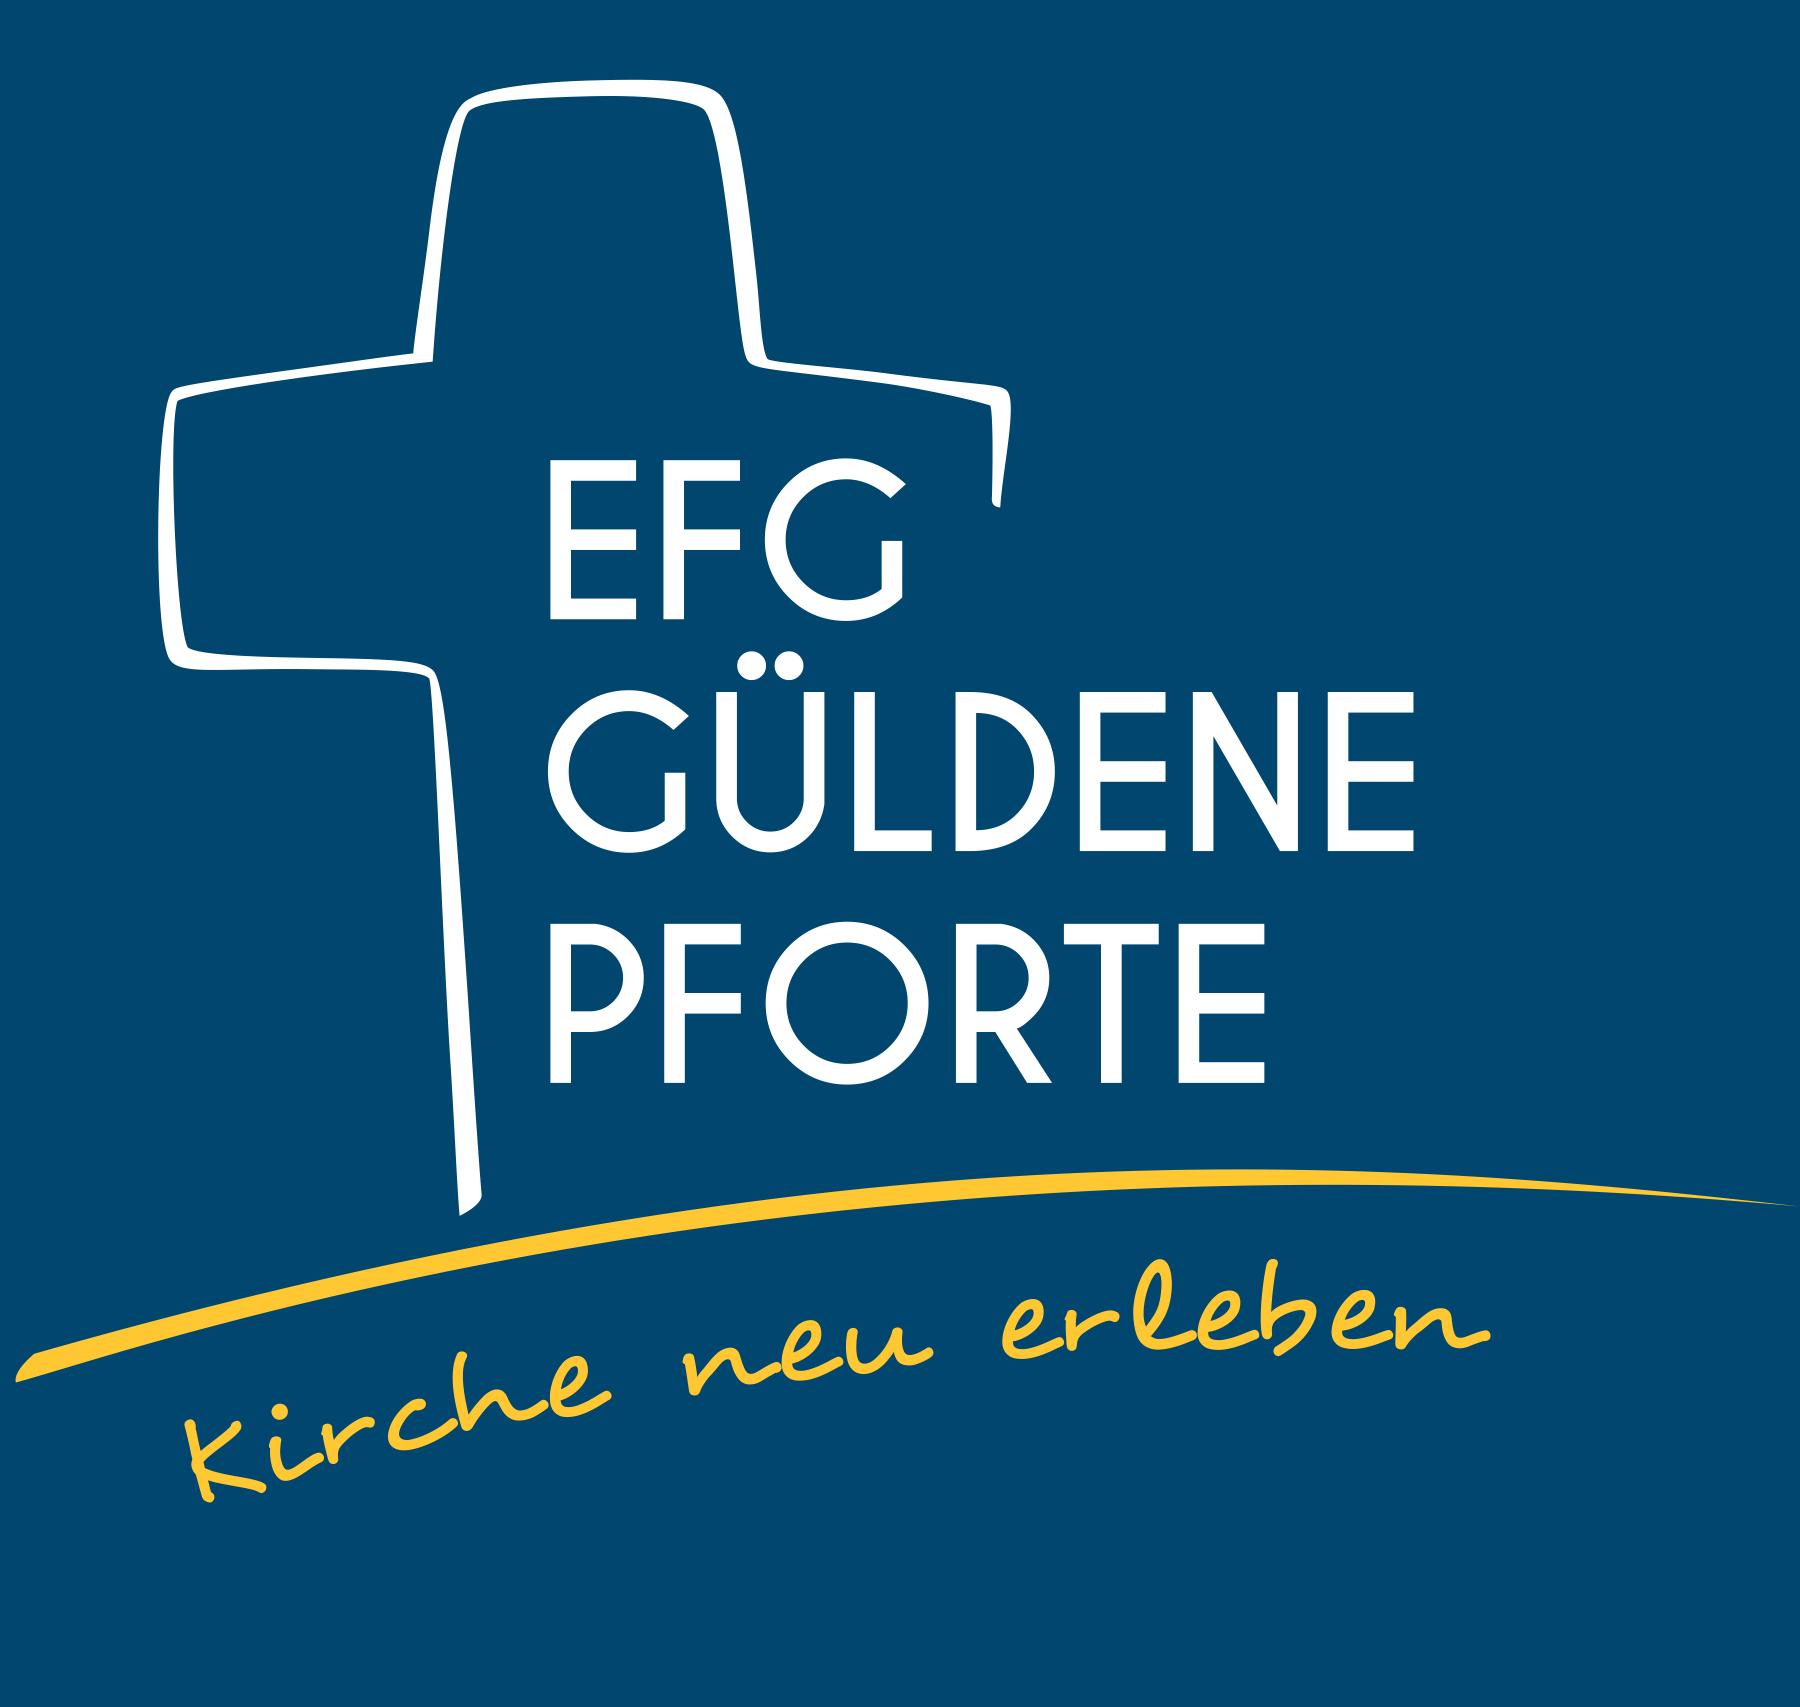 EFG Güldene Pforte